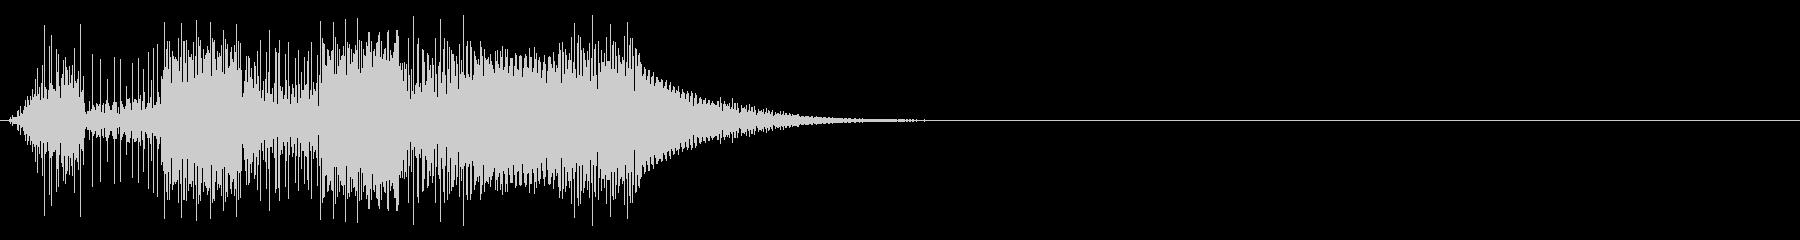 ボタン押下や決定音_キュピピ!の未再生の波形